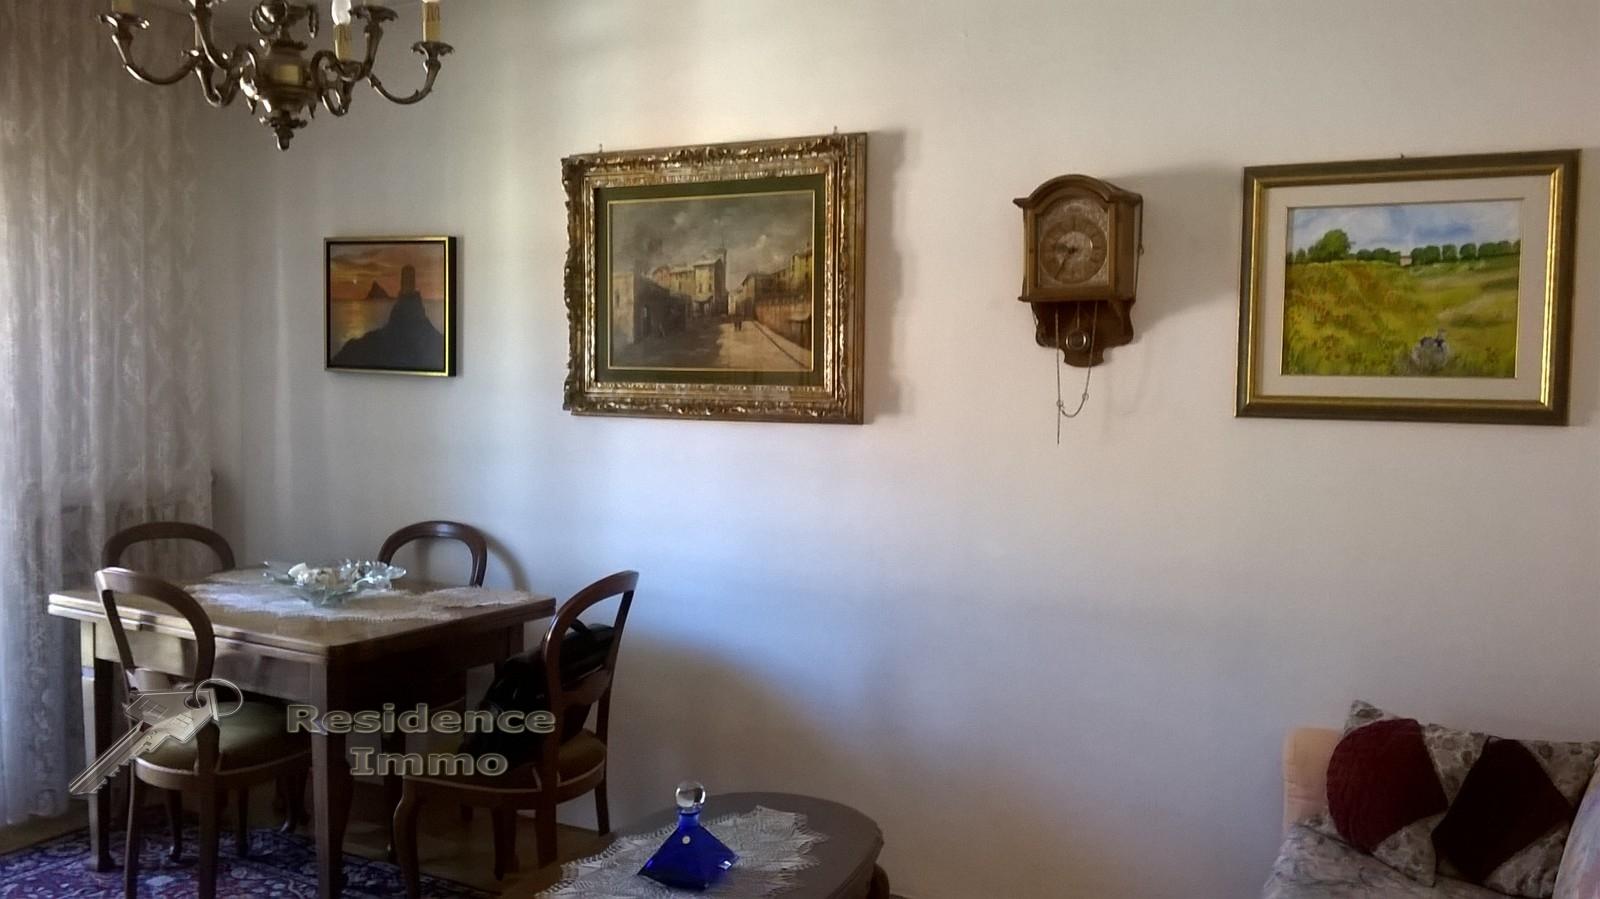 Appartamento in vendita a Laives, 3 locali, zona Località: SanGiacomo, prezzo € 205.000 | Cambio Casa.it